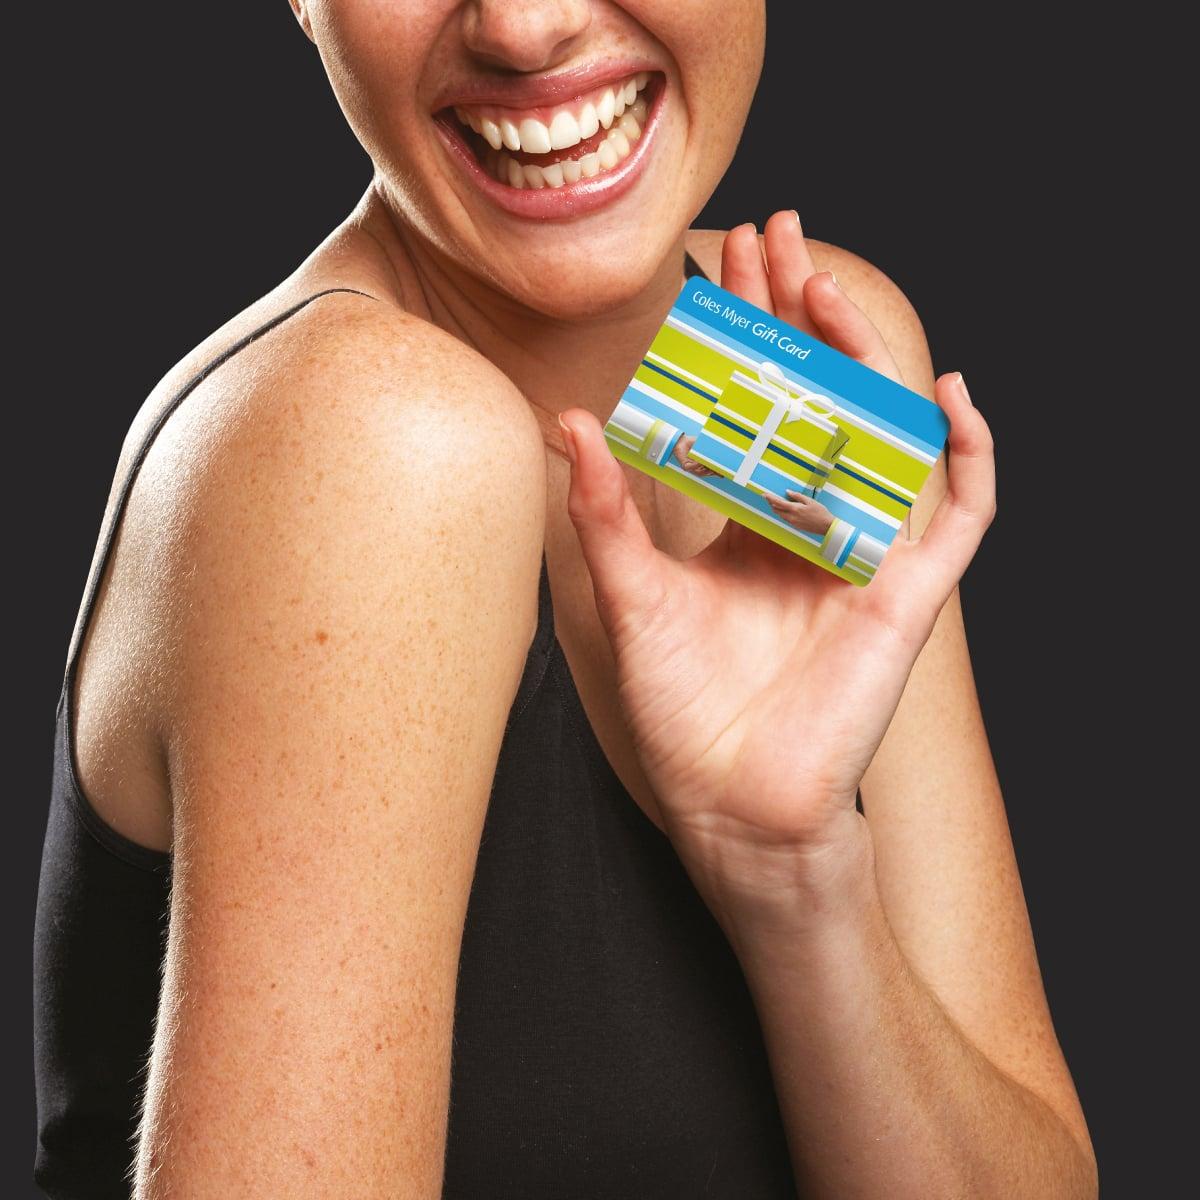 Davidson Branding Retail Coles Myer Gift Card Model Smile